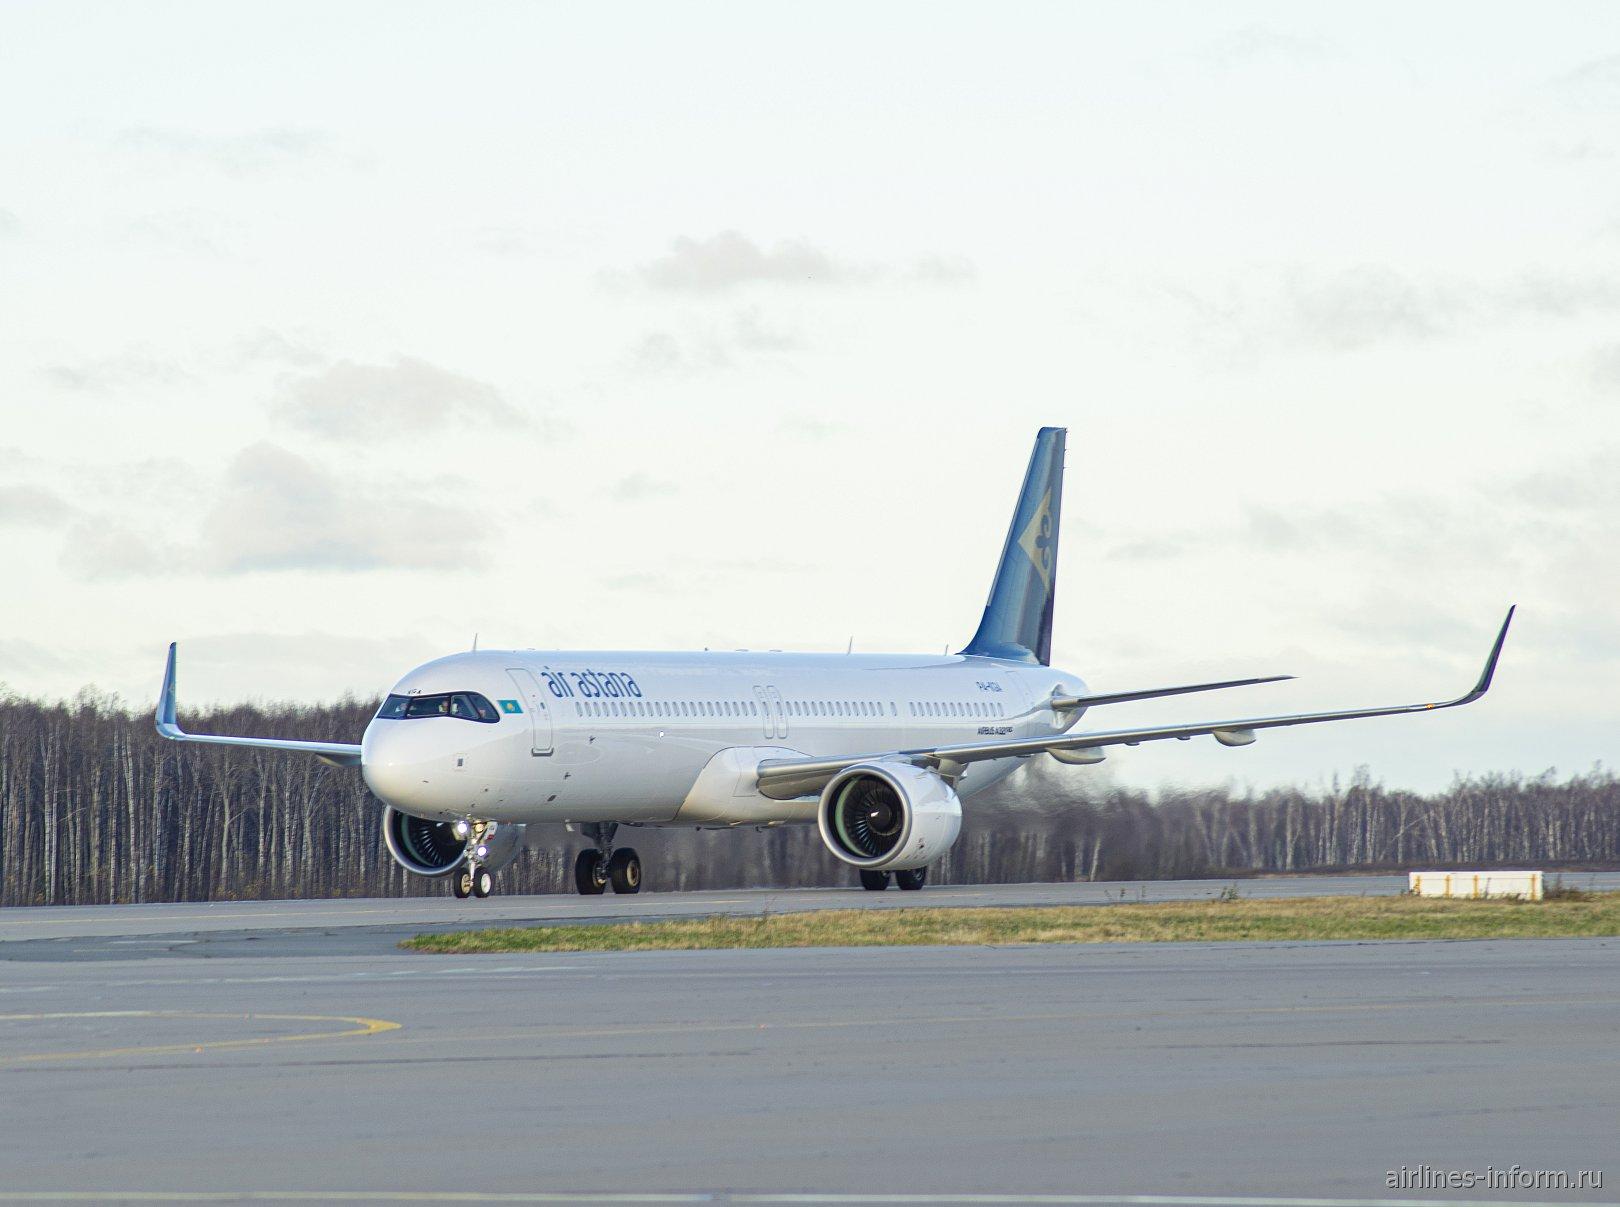 Airbus A321LR авиакомпании Air Astana сразу после прилета в аэропорт Домодедово